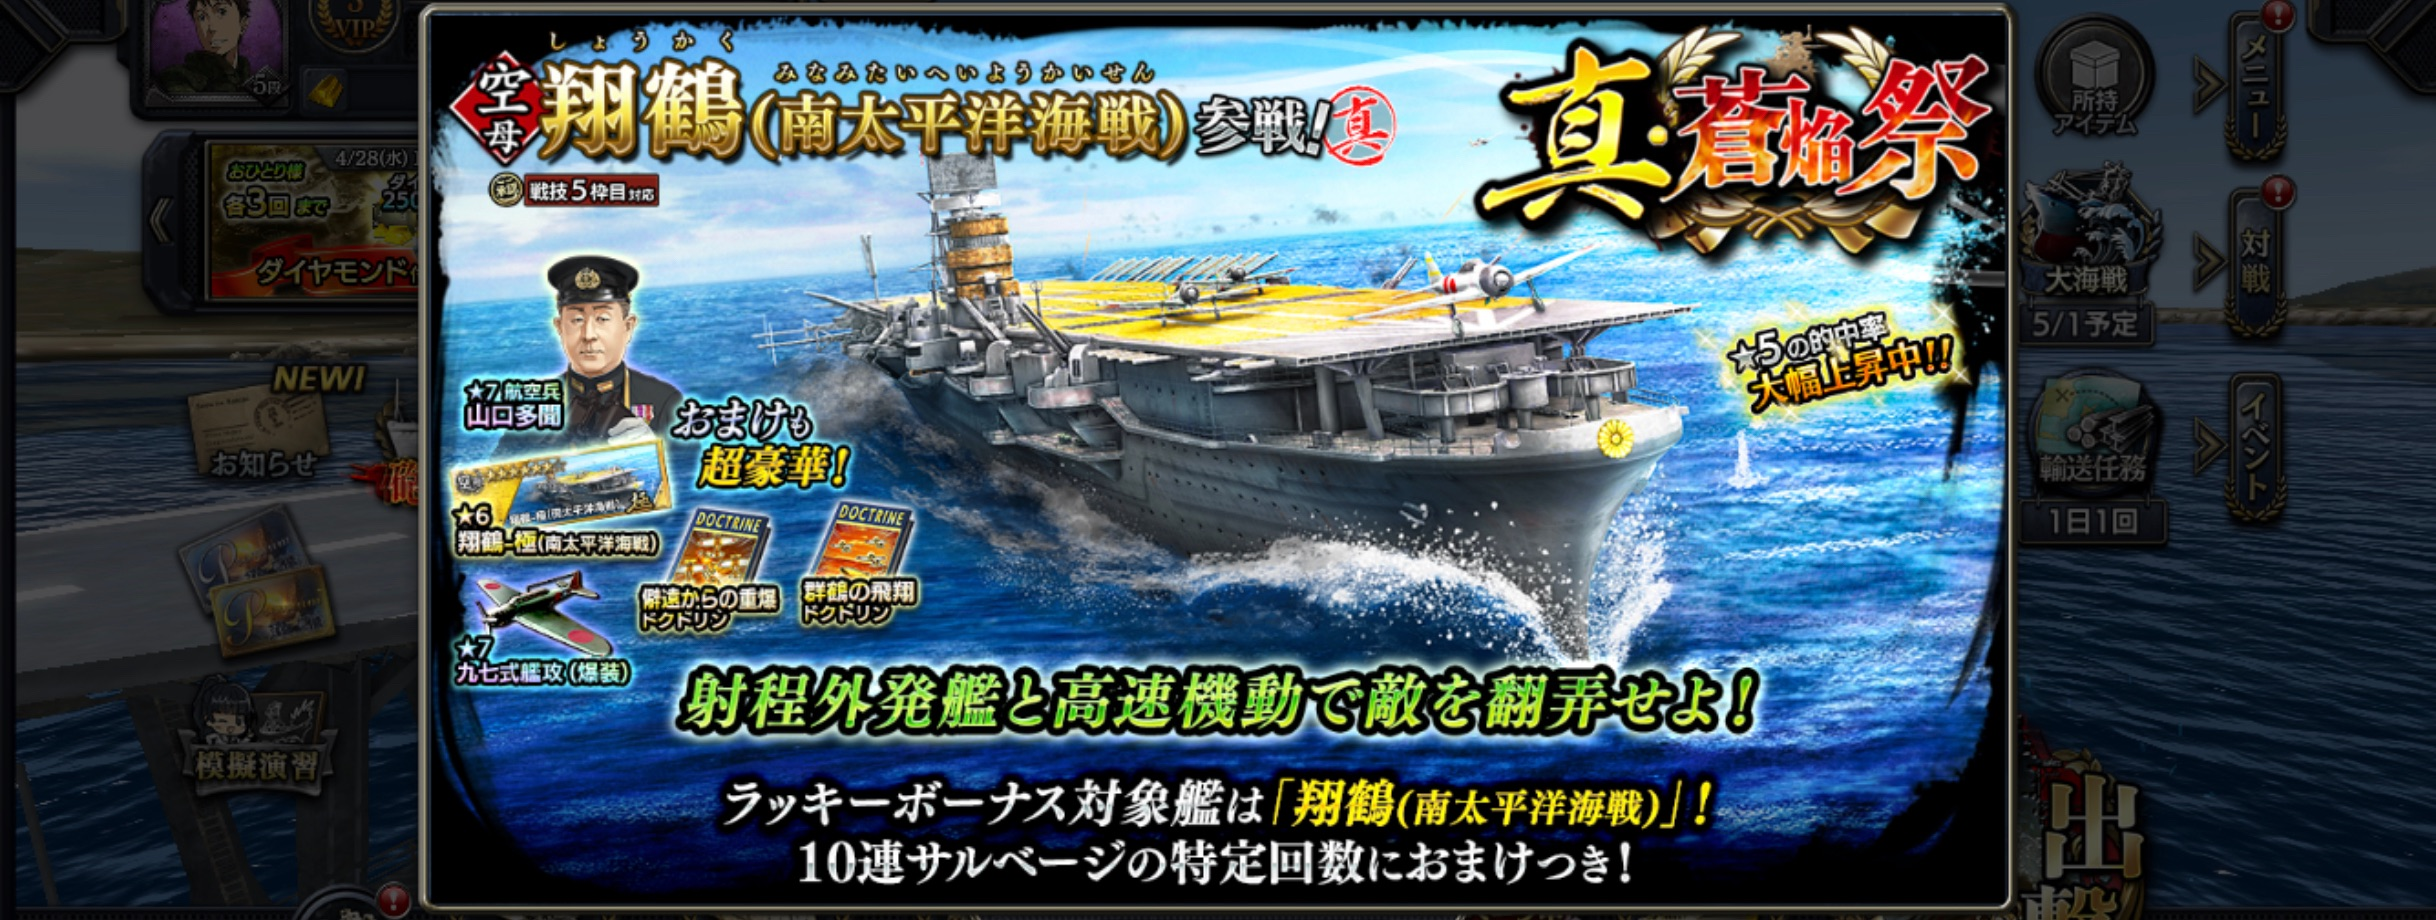 aircraft-carrier:ShokakuS